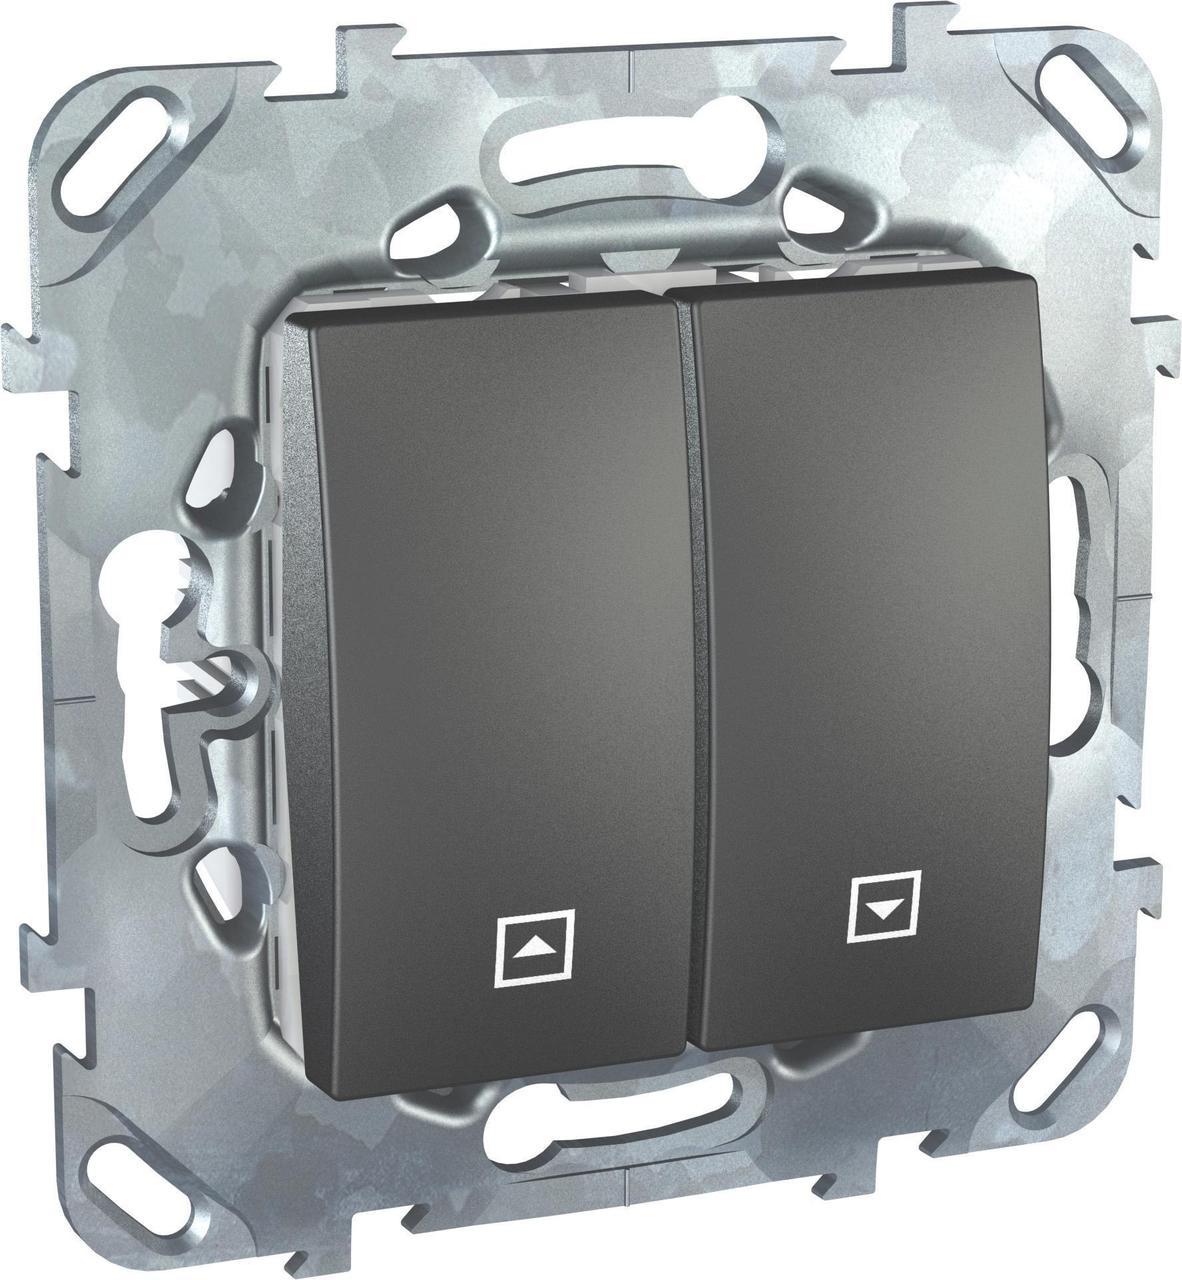 Выключатель для жалюзи (рольставней) кнопочный , Графит, серия UNICA TOP/CLASS, Schneider Electric